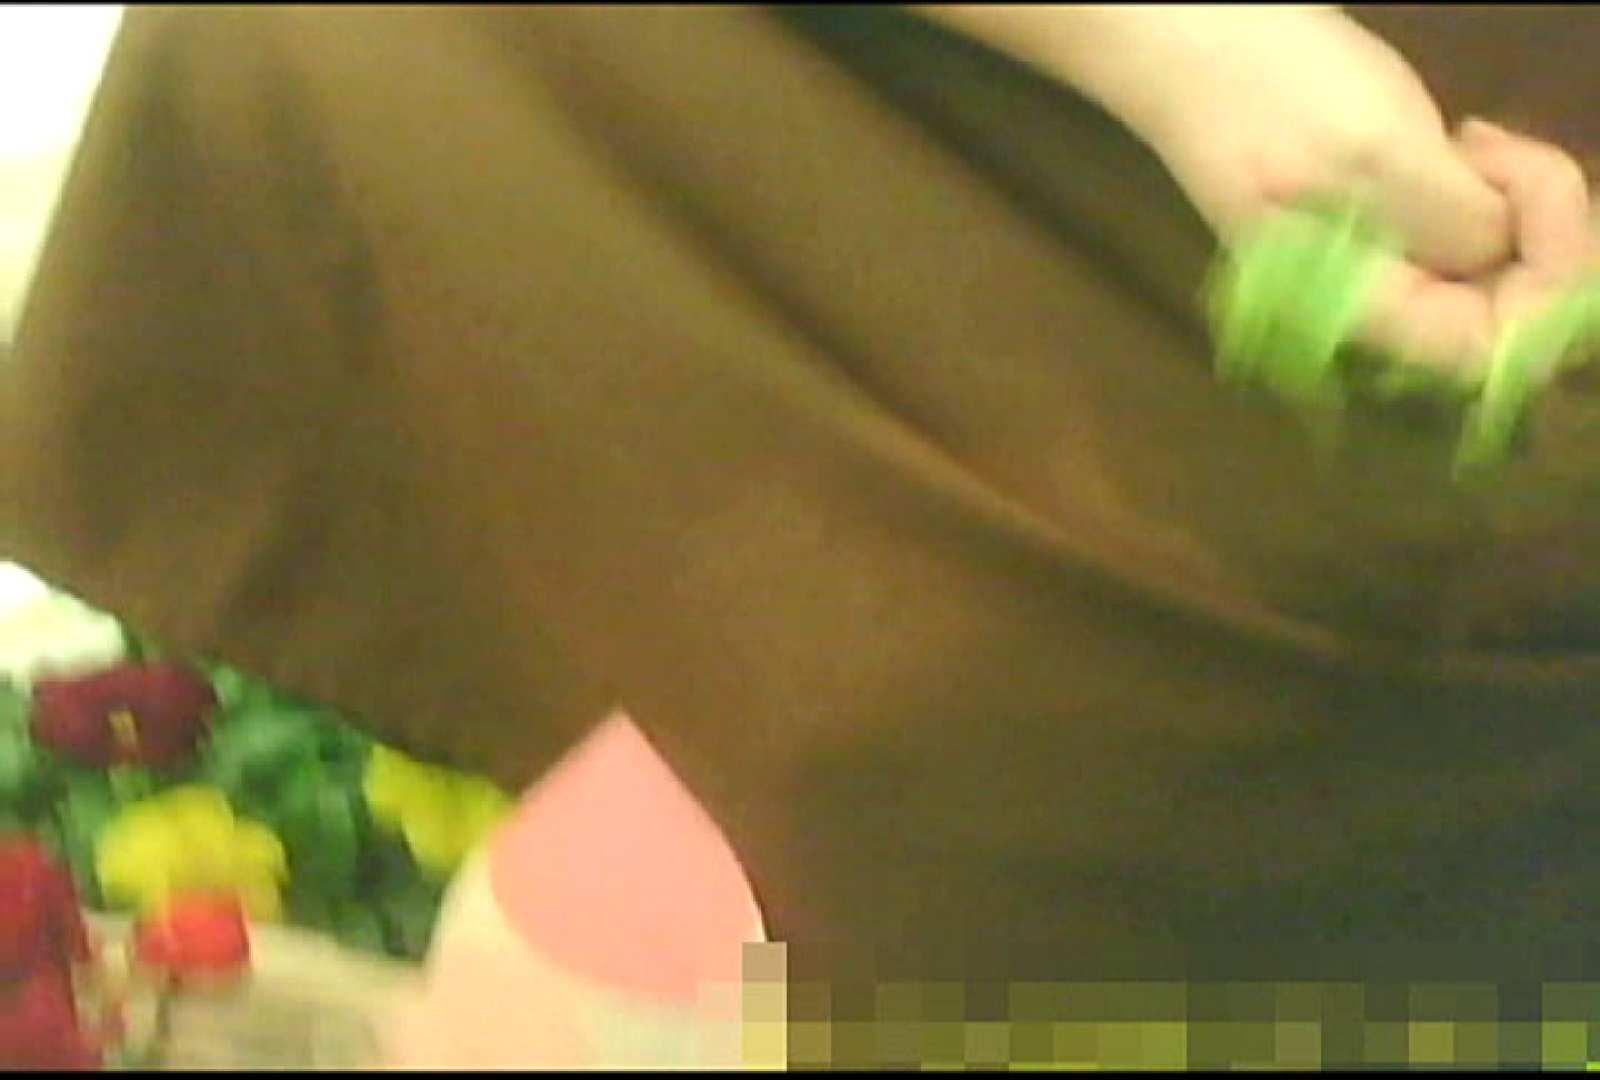 「ノゾキスト」さんの陰撮!!美女サルベージVol.4 OLセックス 盗撮われめAV動画紹介 97画像 35